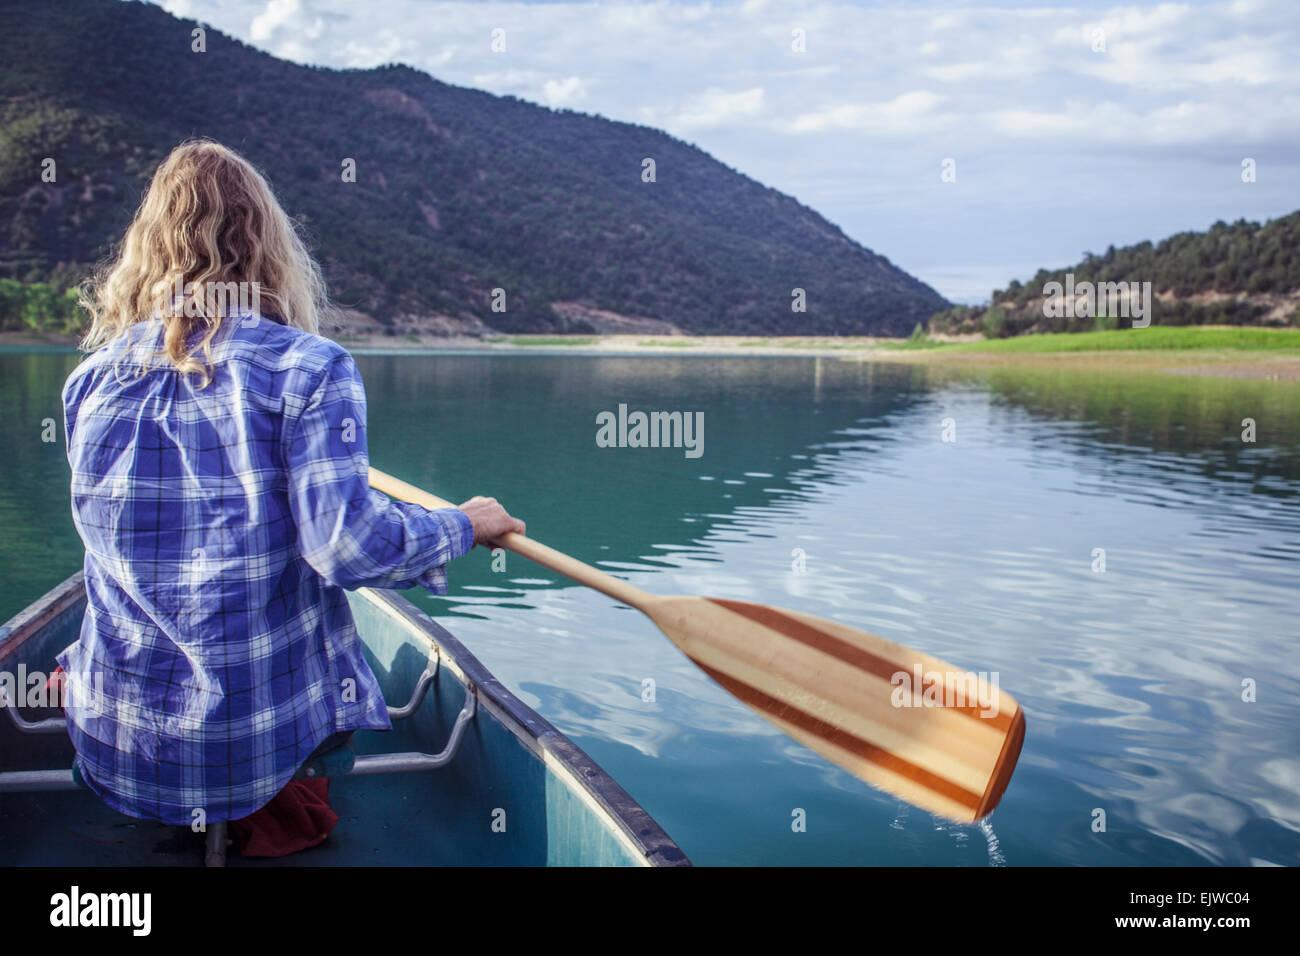 Stati Uniti d'America, Colorado, Harvey Gap, Donna canottaggio nel lago Immagini Stock